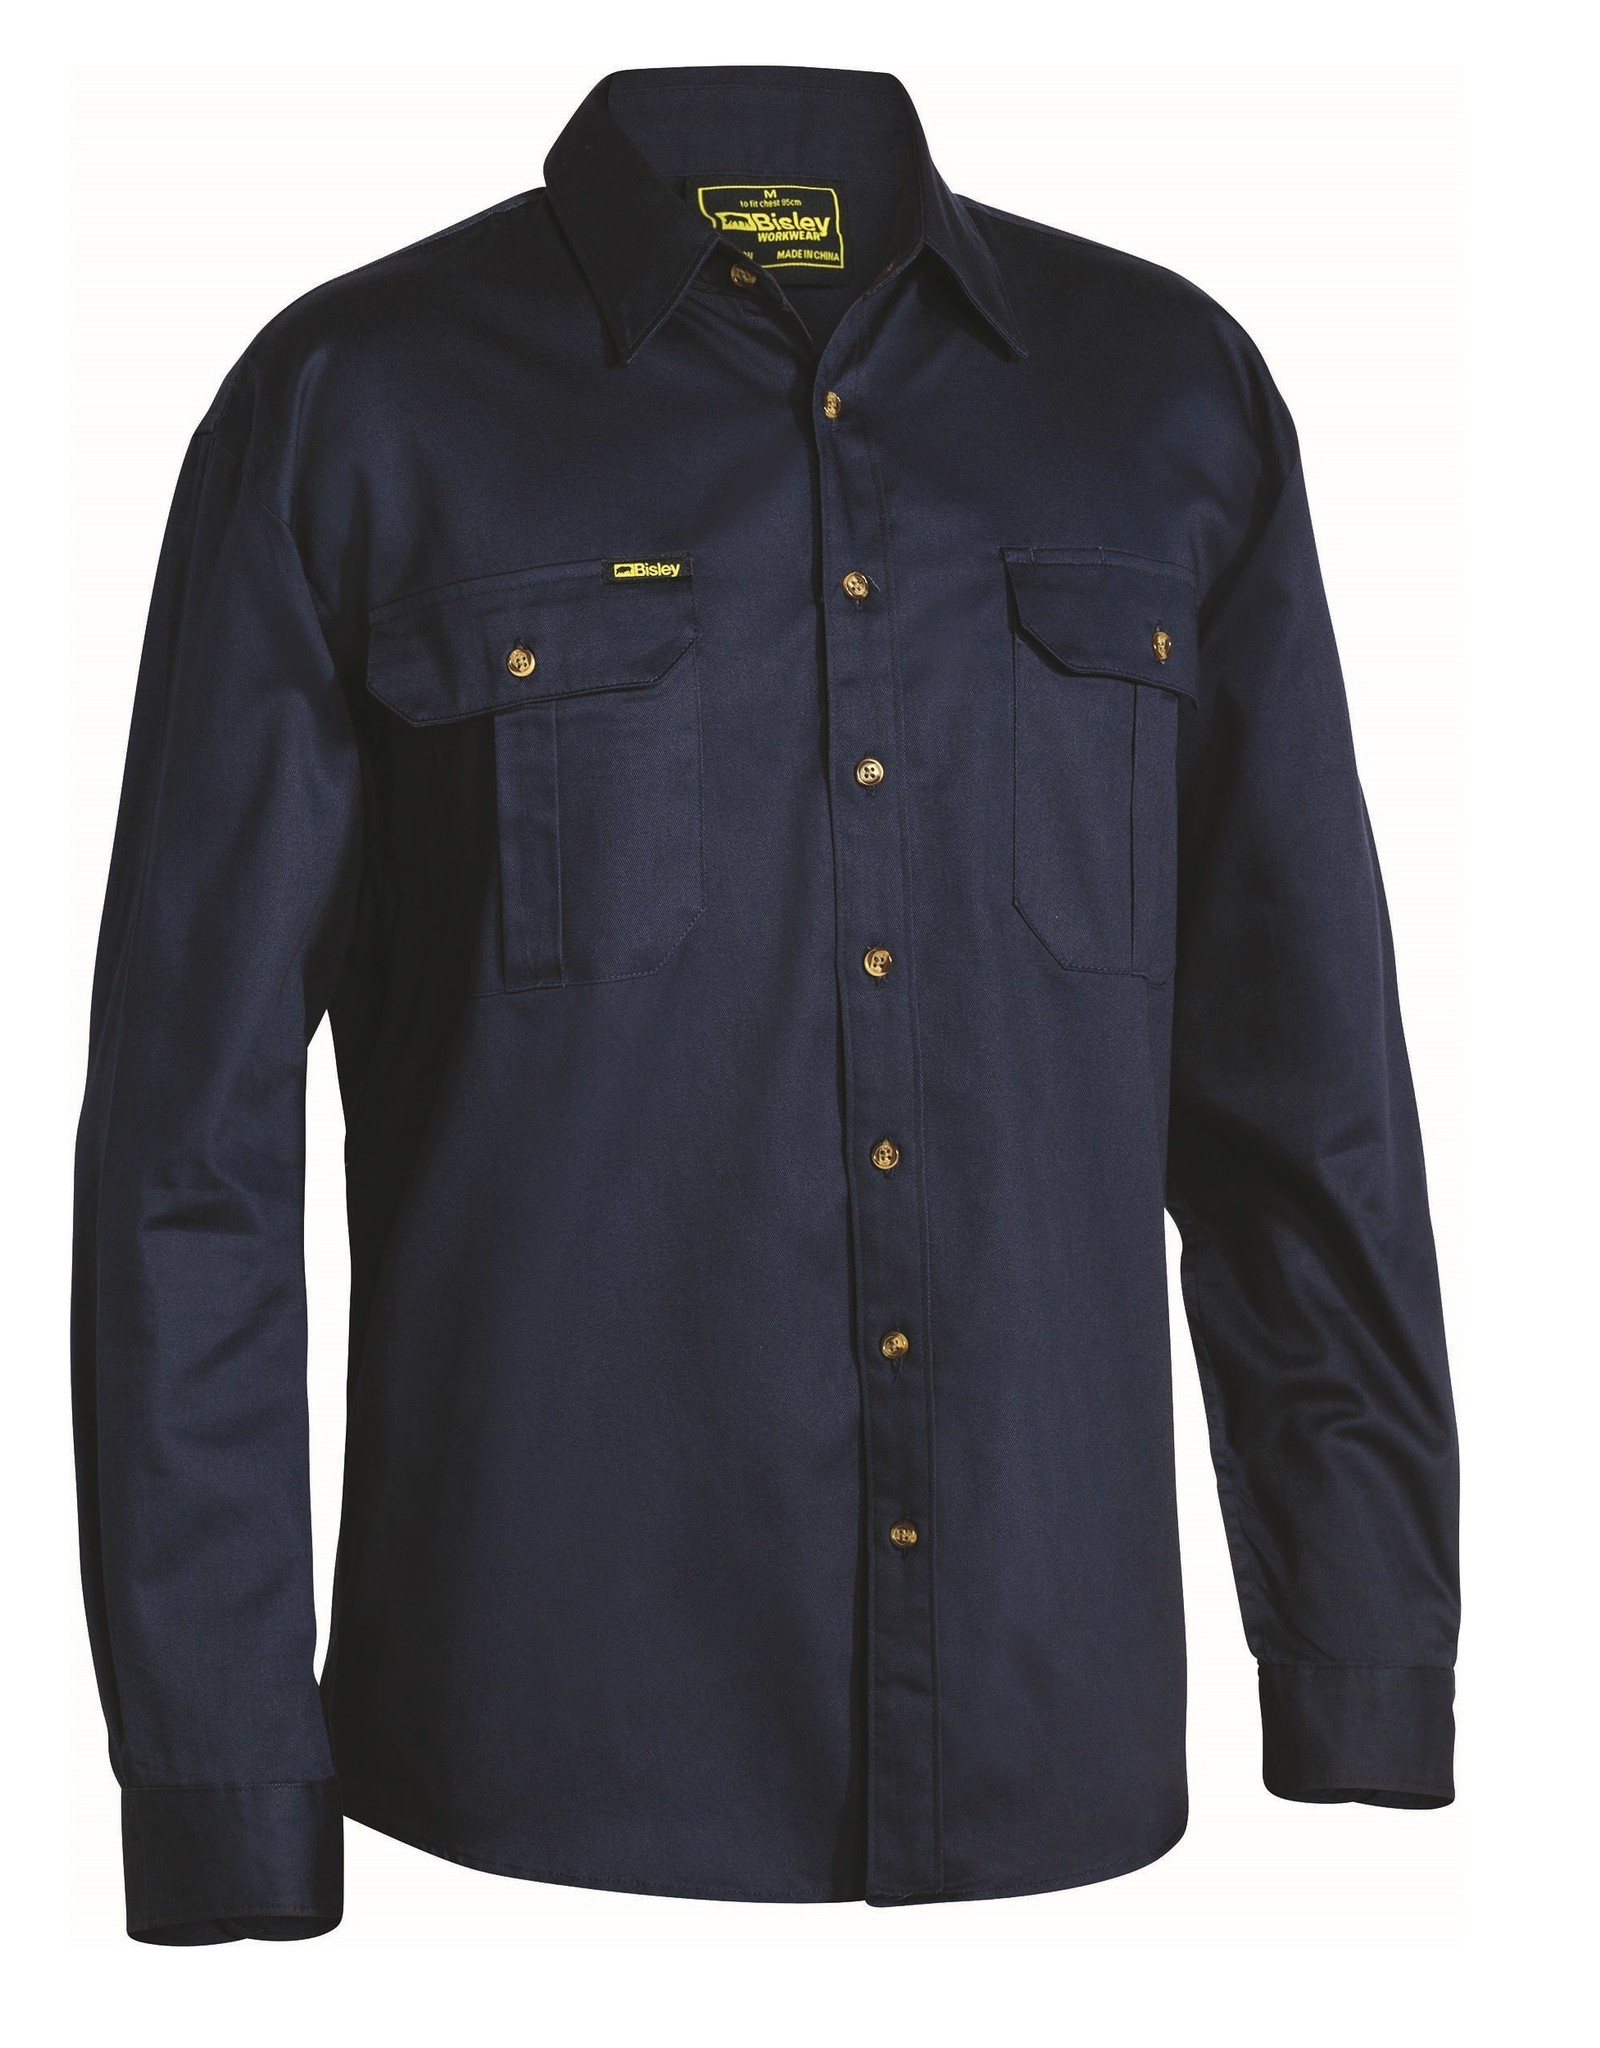 Bisley Bisley Original Cotton Drill LS Work Shirt